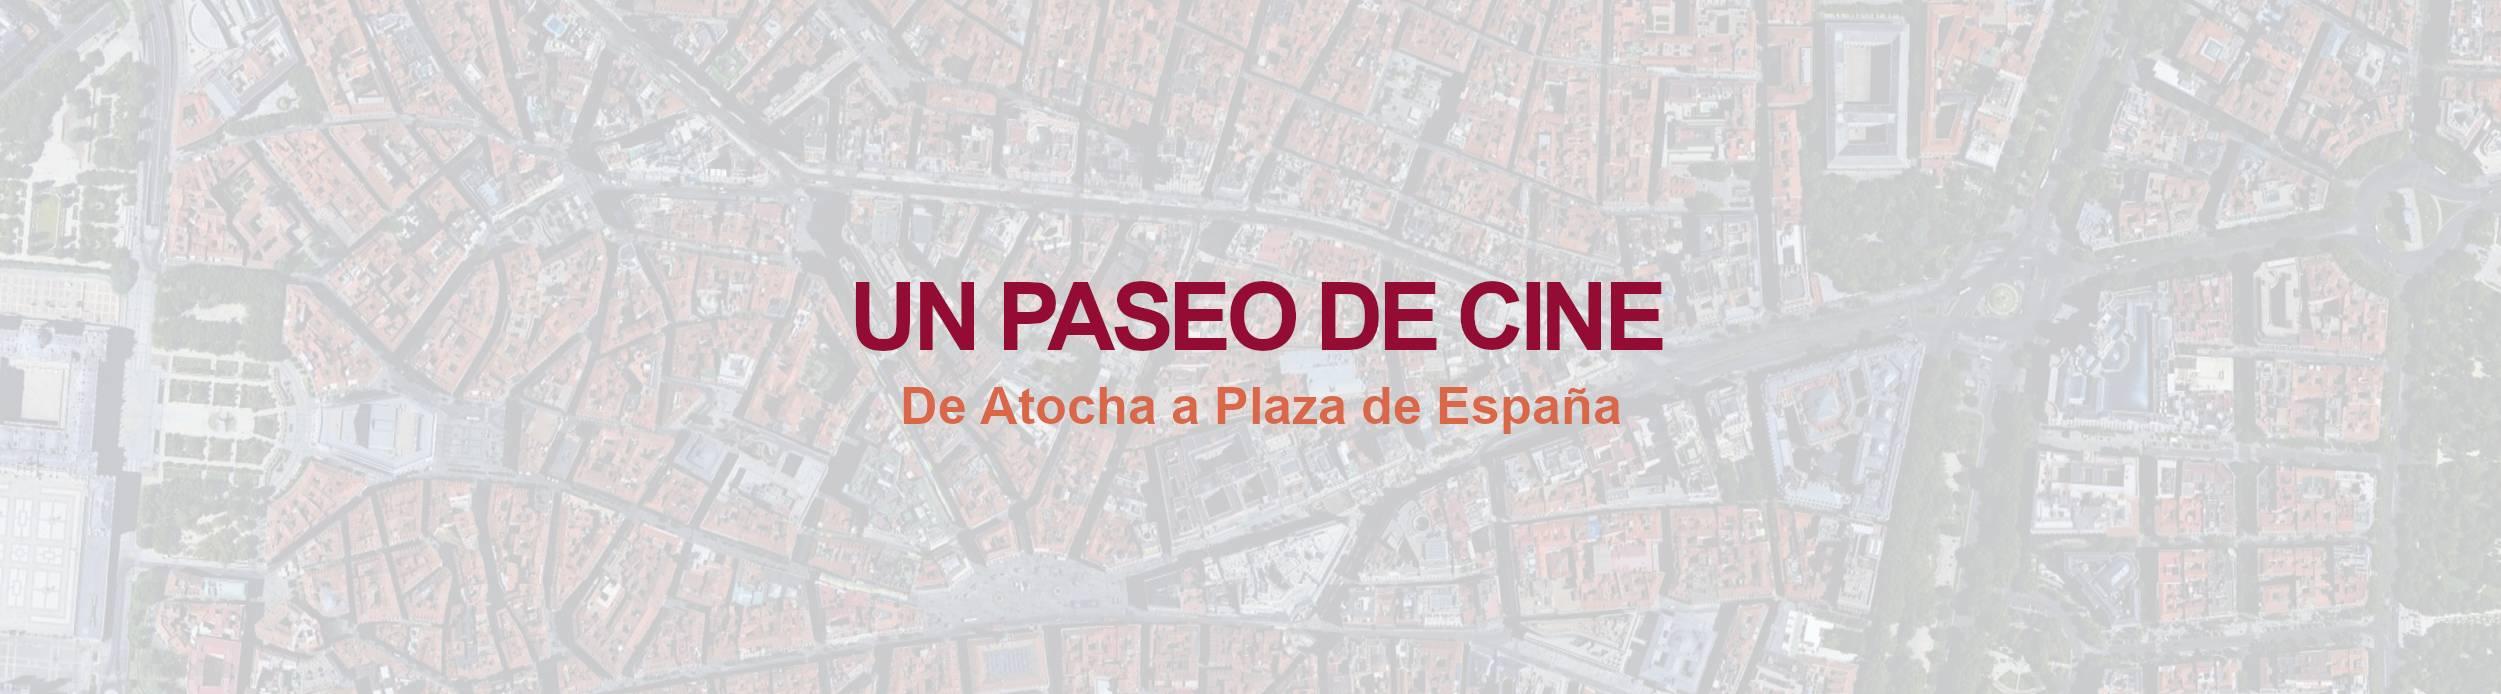 Guia de cine por Madrid